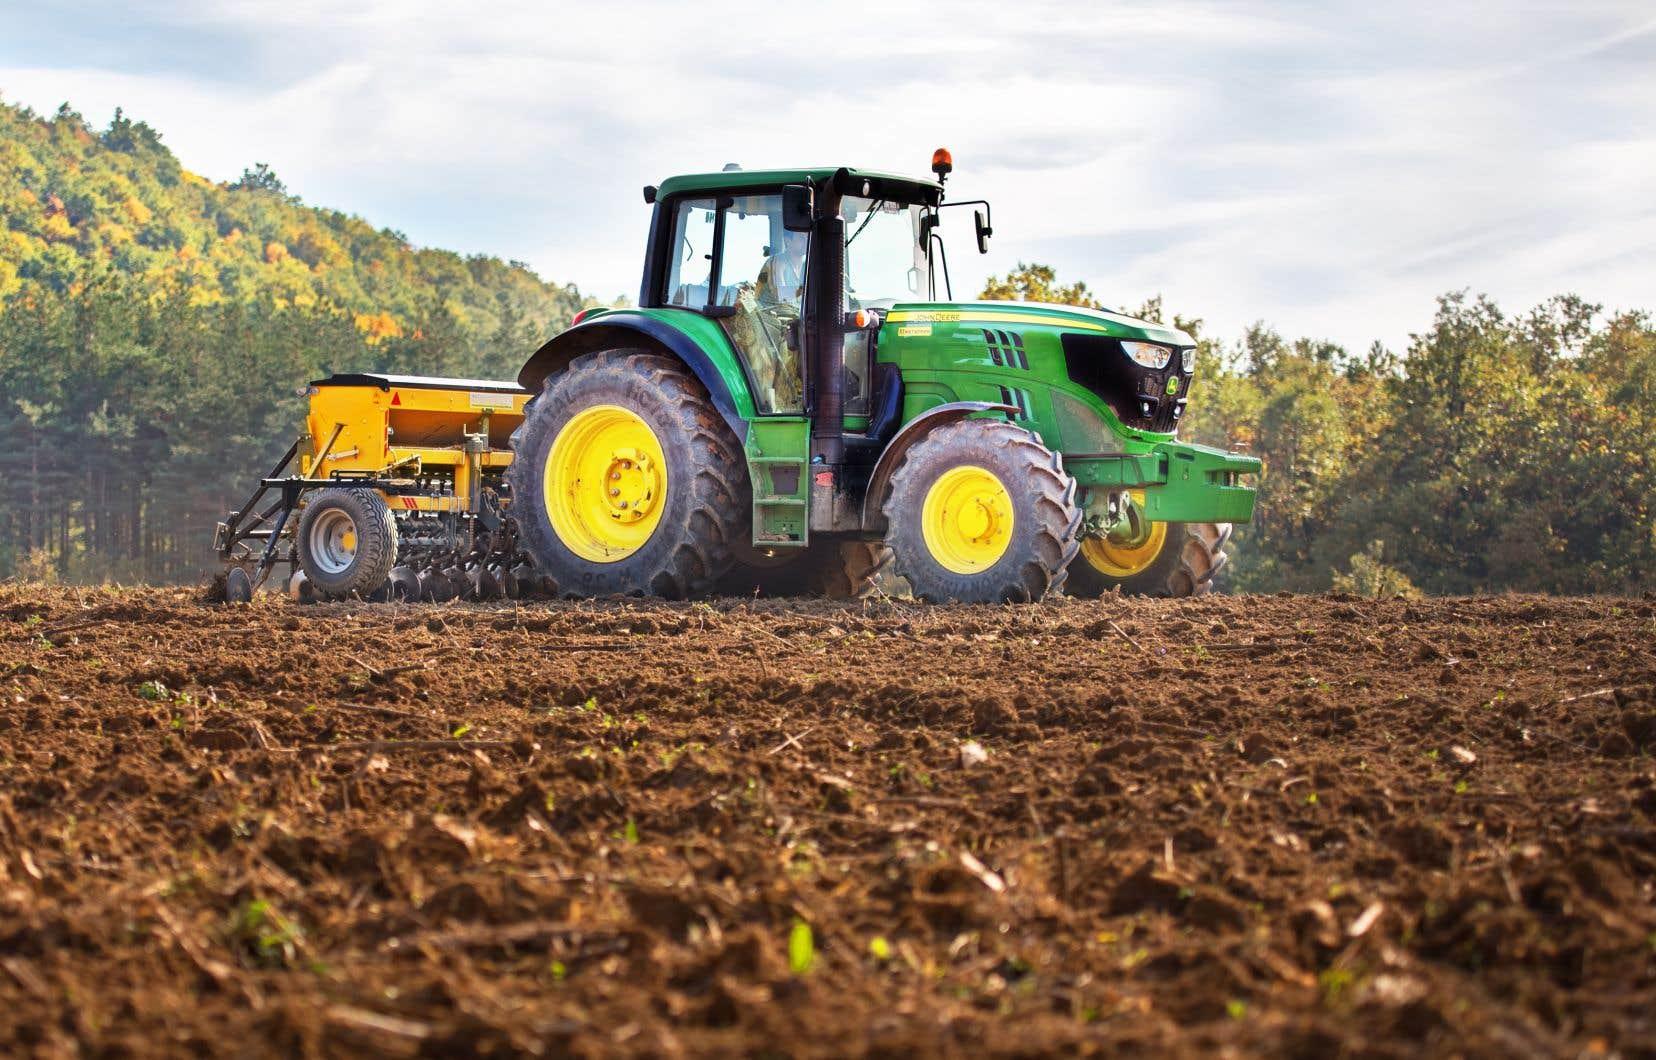 «Un sol non travaillé contient davantage de matières organiques et possède une grande capacité d'absorption d'eau», rappelle l'auteur.